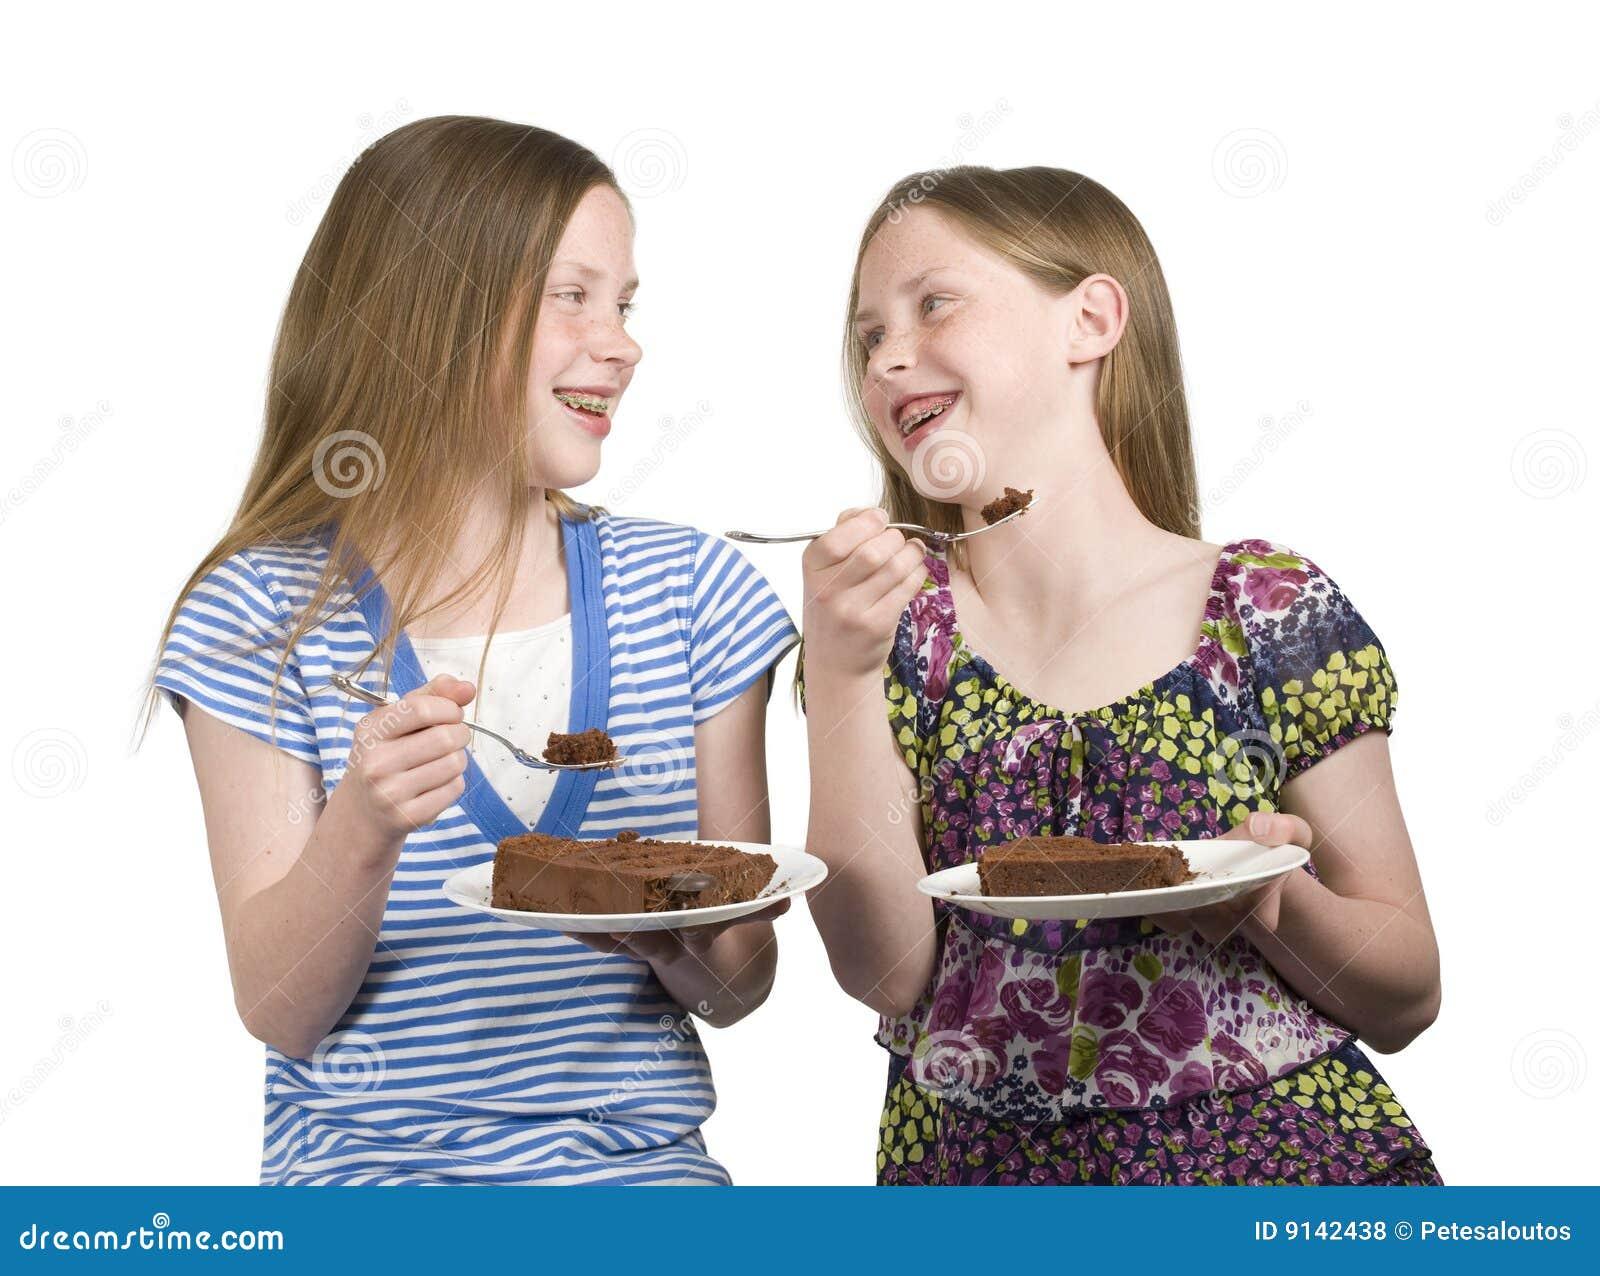 Zwillinge Essen Kuchen Stockfoto Bild Von Schwestern 9142438